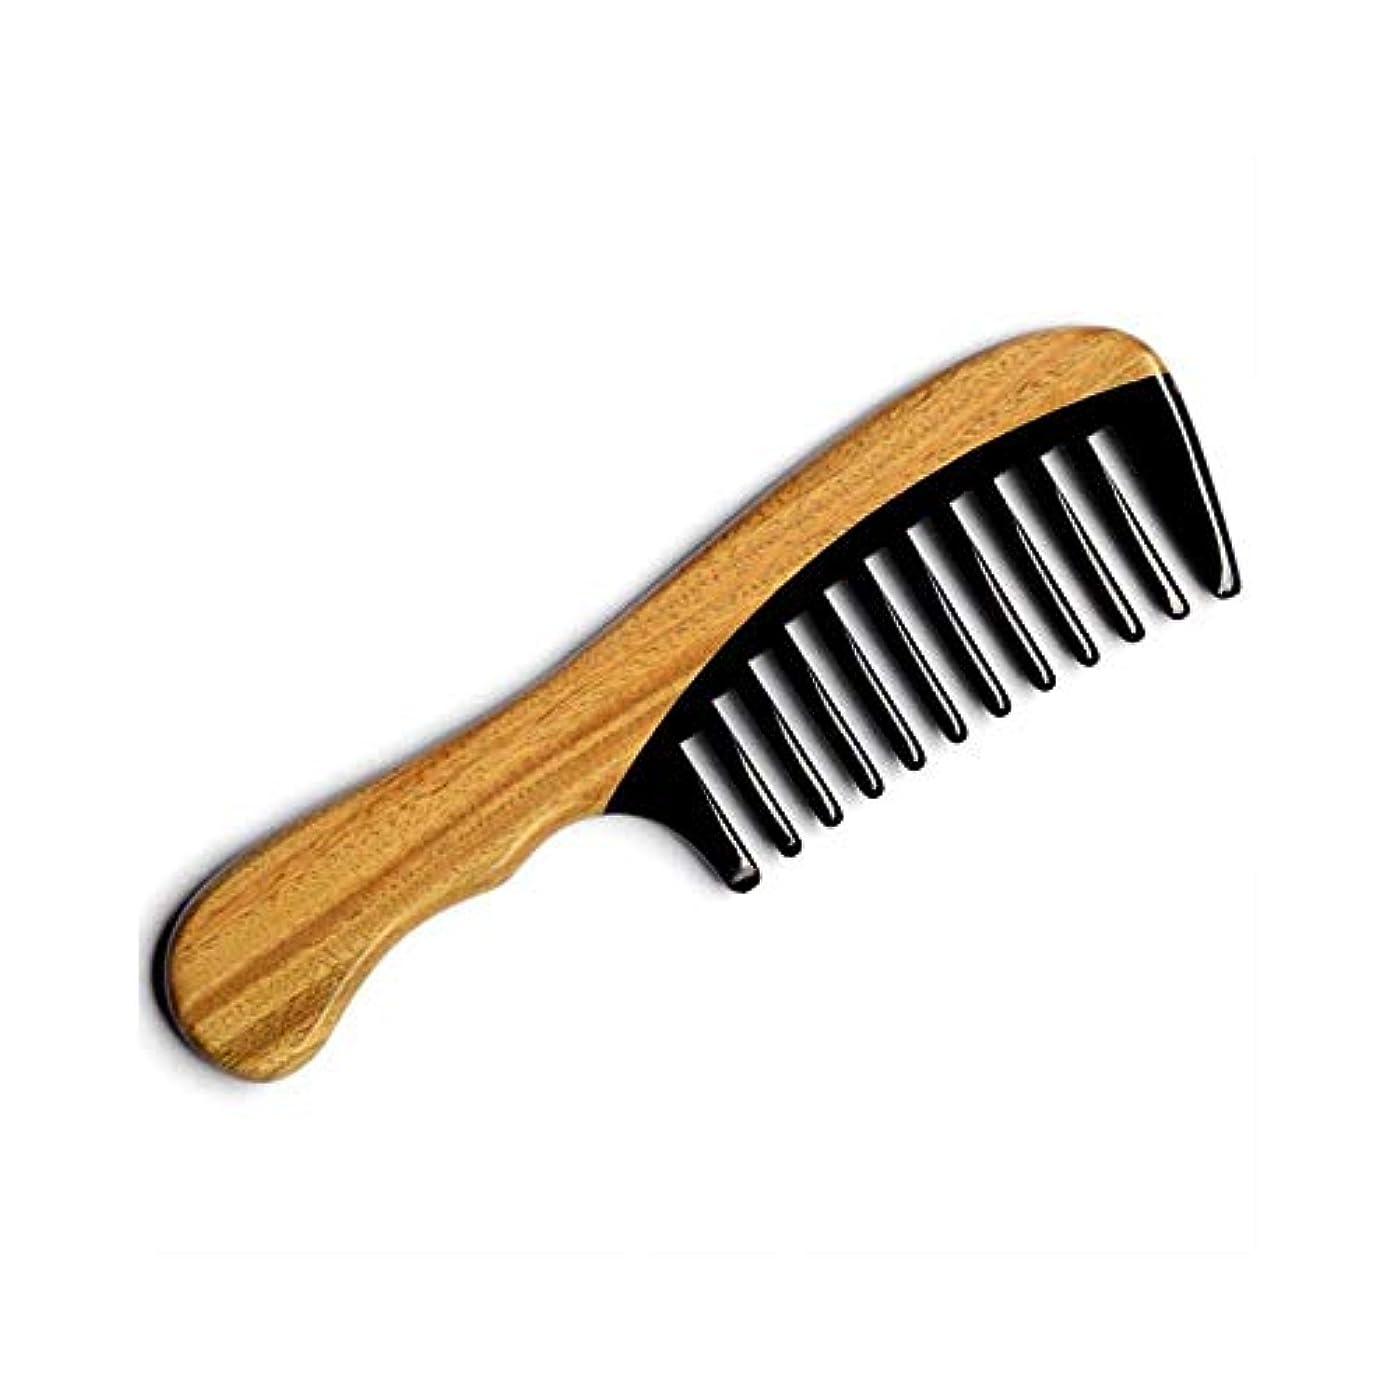 懸念決済浸漬Fashianナチュラルバッファローホーンくし木製のもつれ解除はありません静的ヘアコーム(標準歯形、18センチメートル) ヘアケア (色 : A)